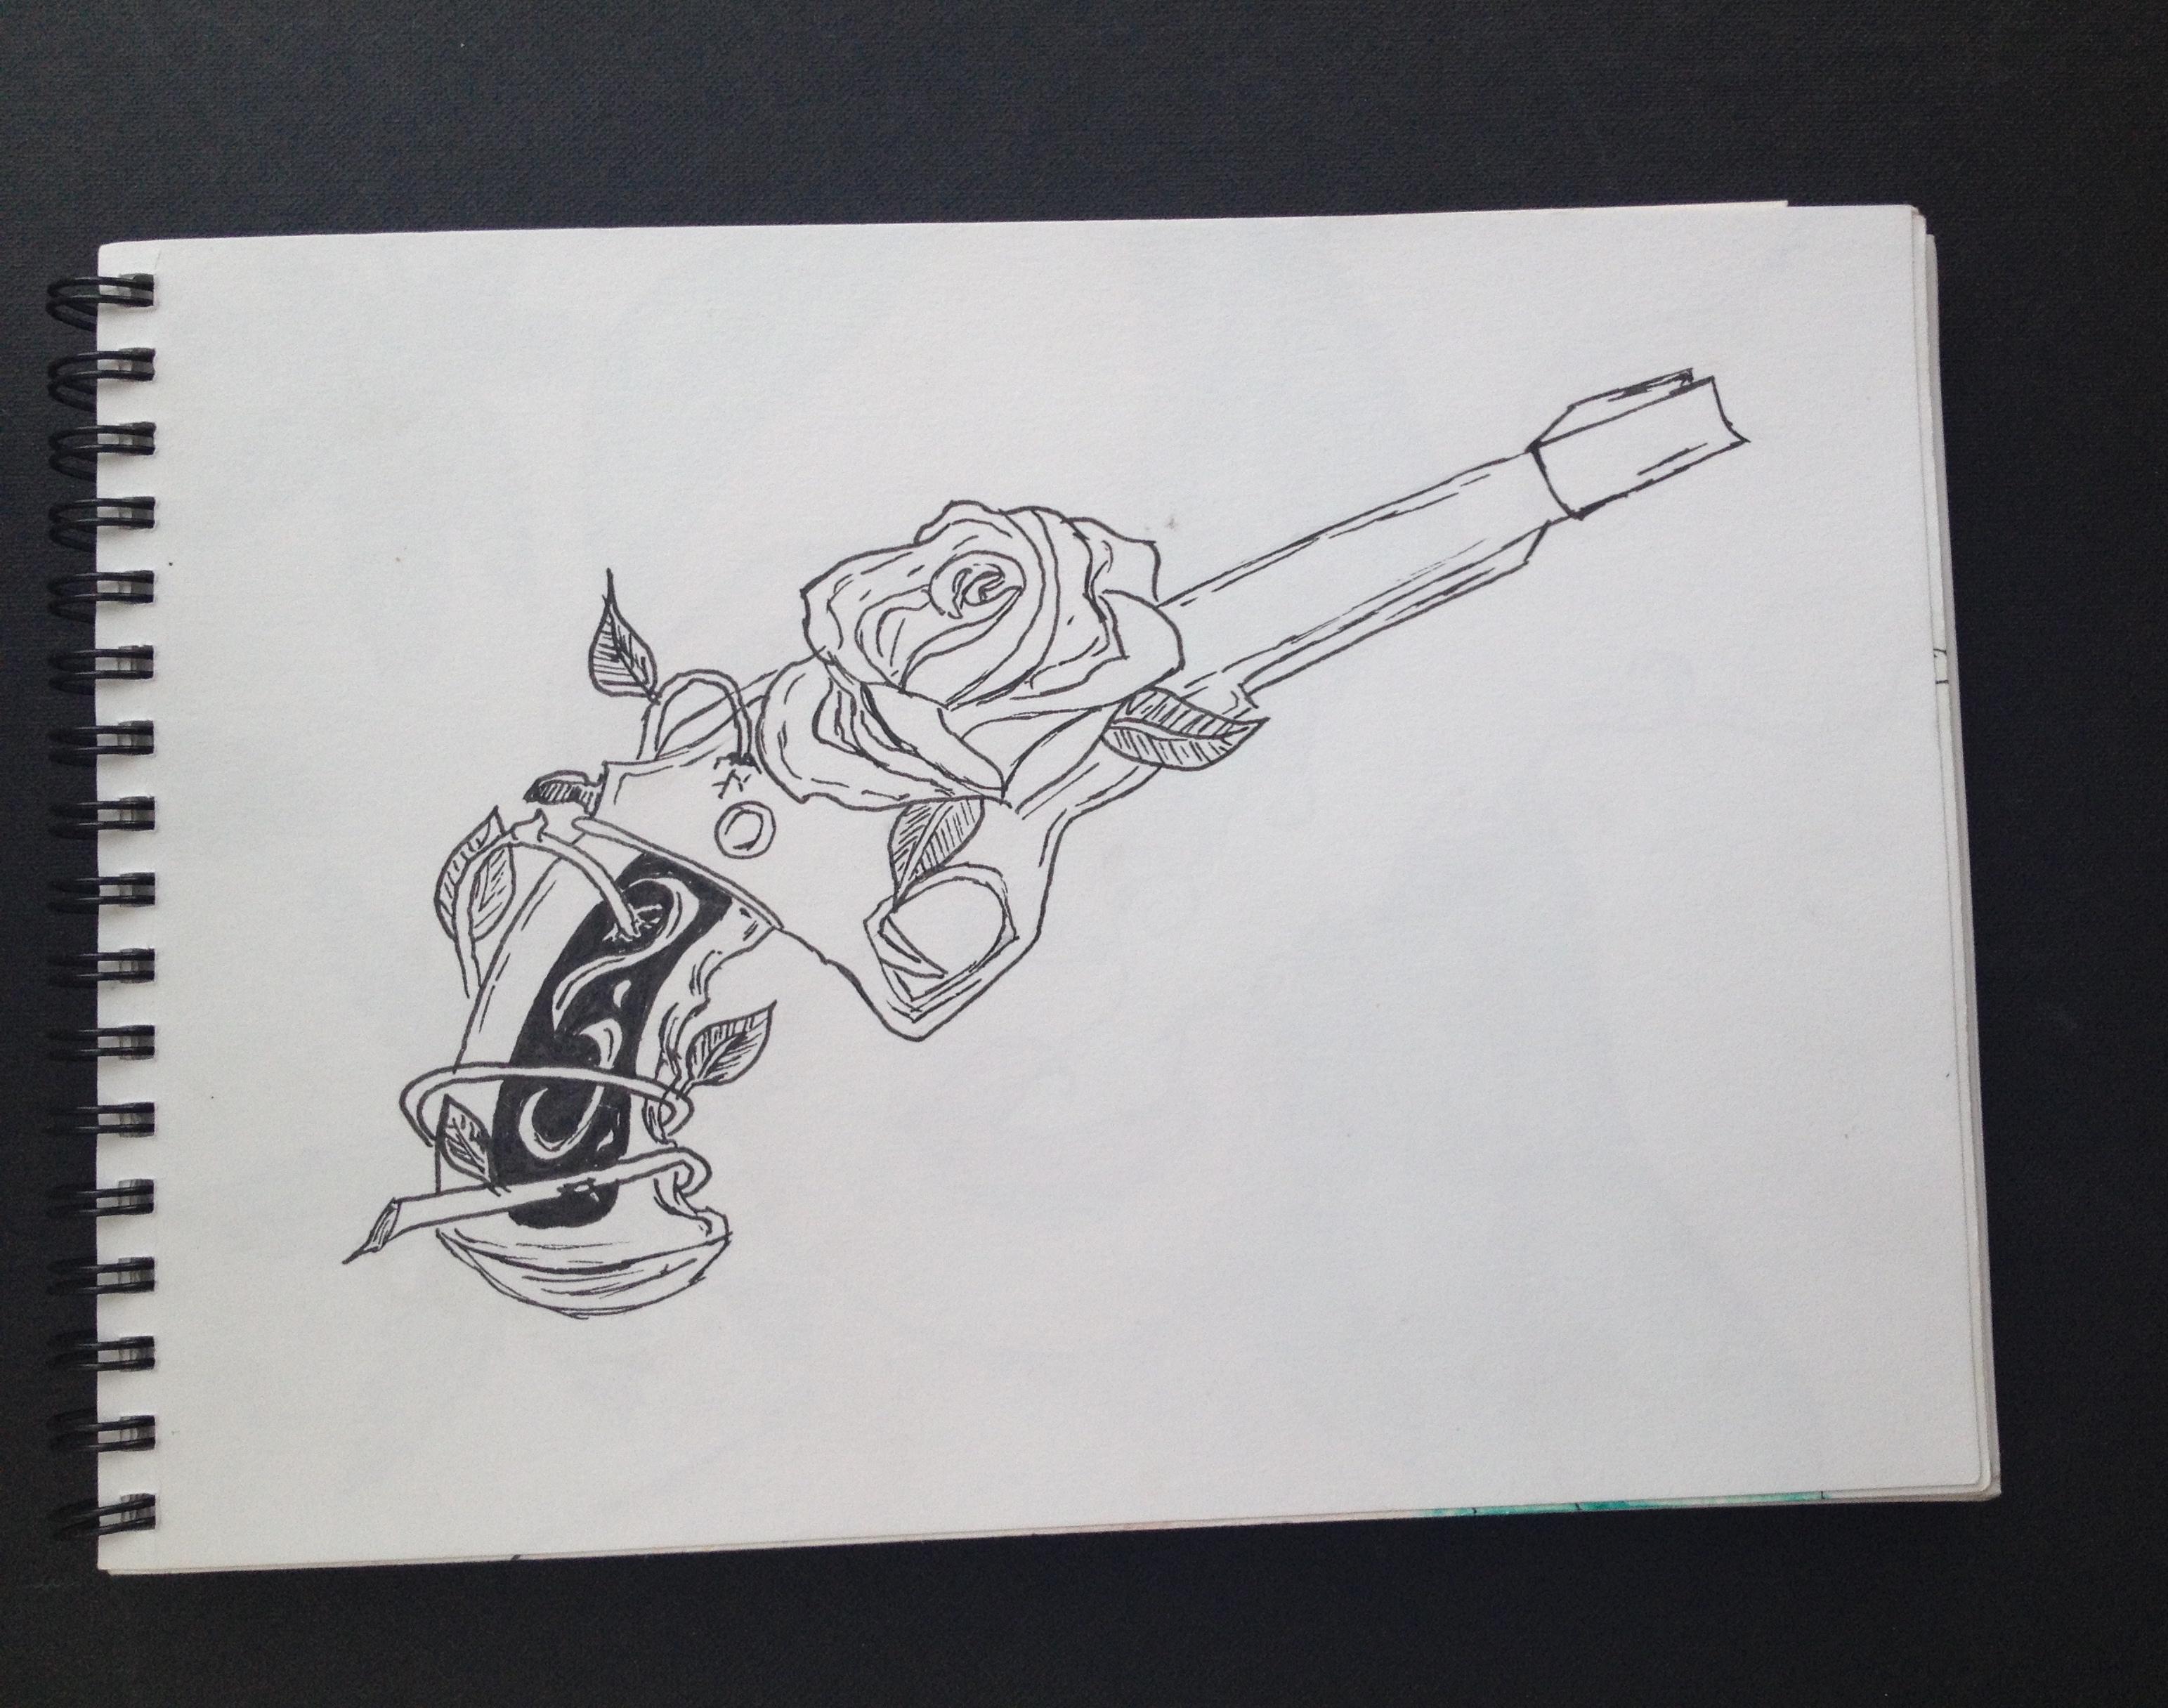 Drawn gun pencil Rose Bella A Passion revolver